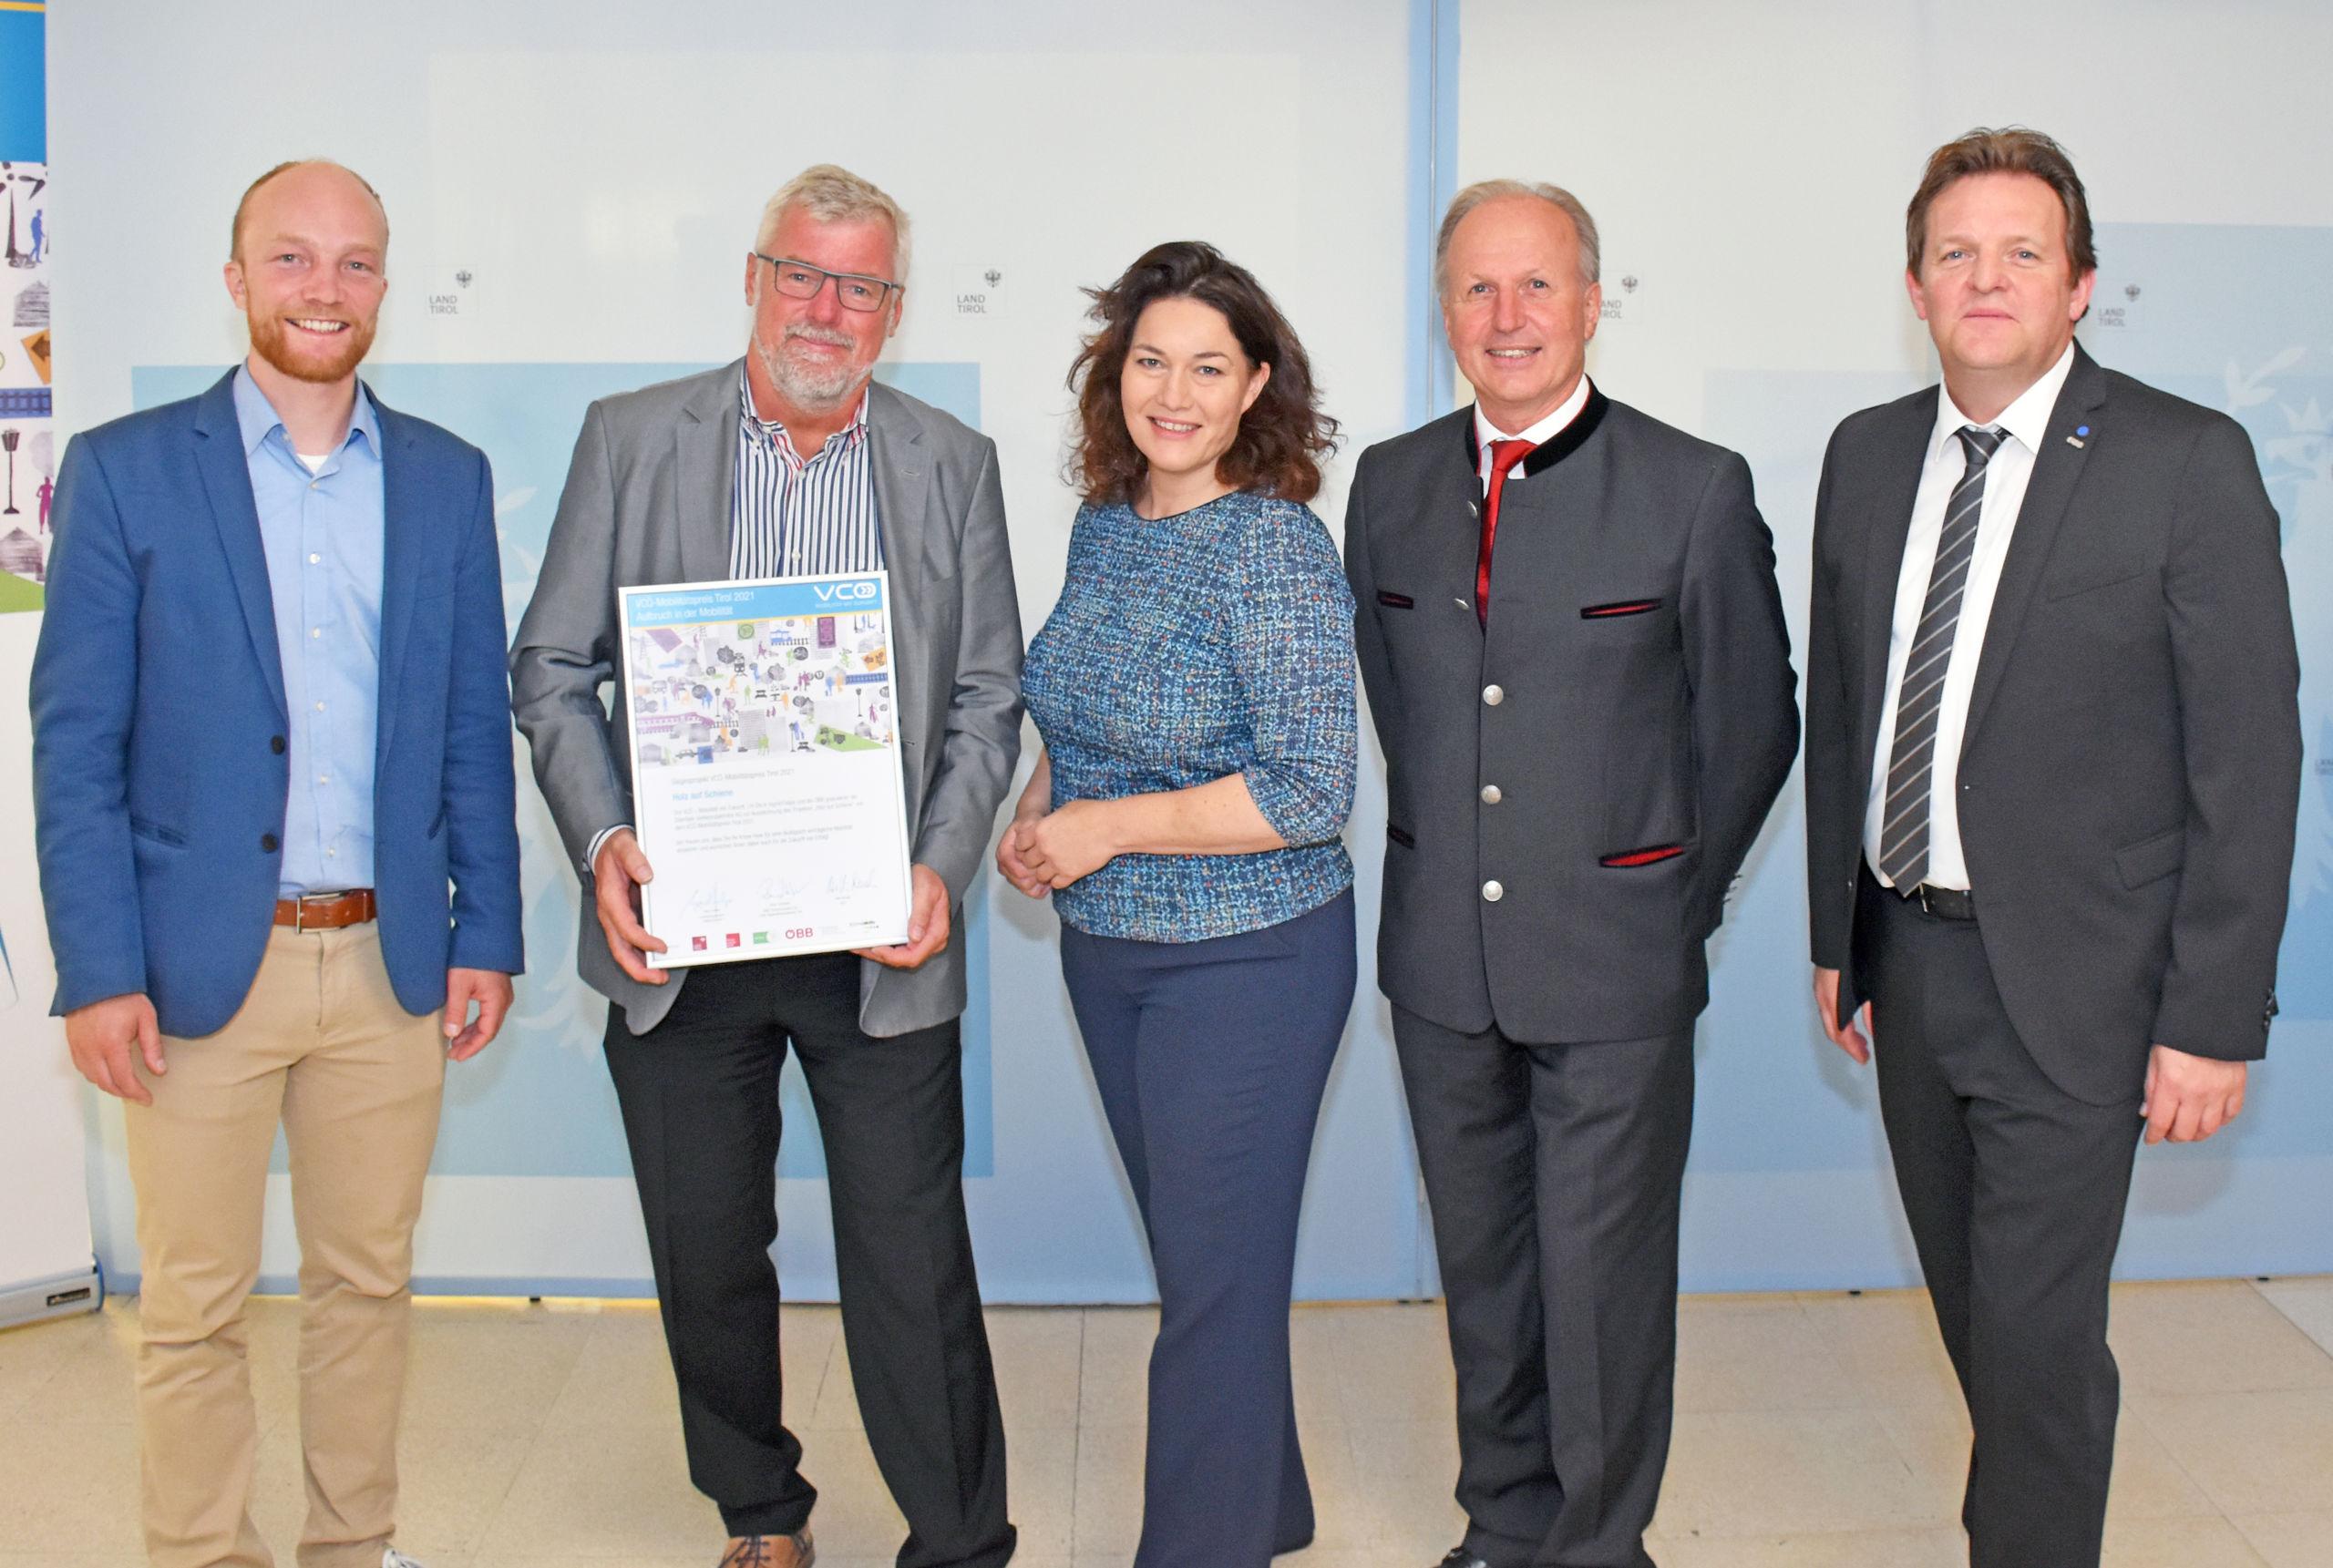 Michael Schwendinger (VCÖ), Helmut Schreiner (Zillertalbahn), LHStvin Ingrid Felipe, Martin Sigl (Binderholz) und Rene Zumtobel (ÖBB). © Land Tirol/Pölzl